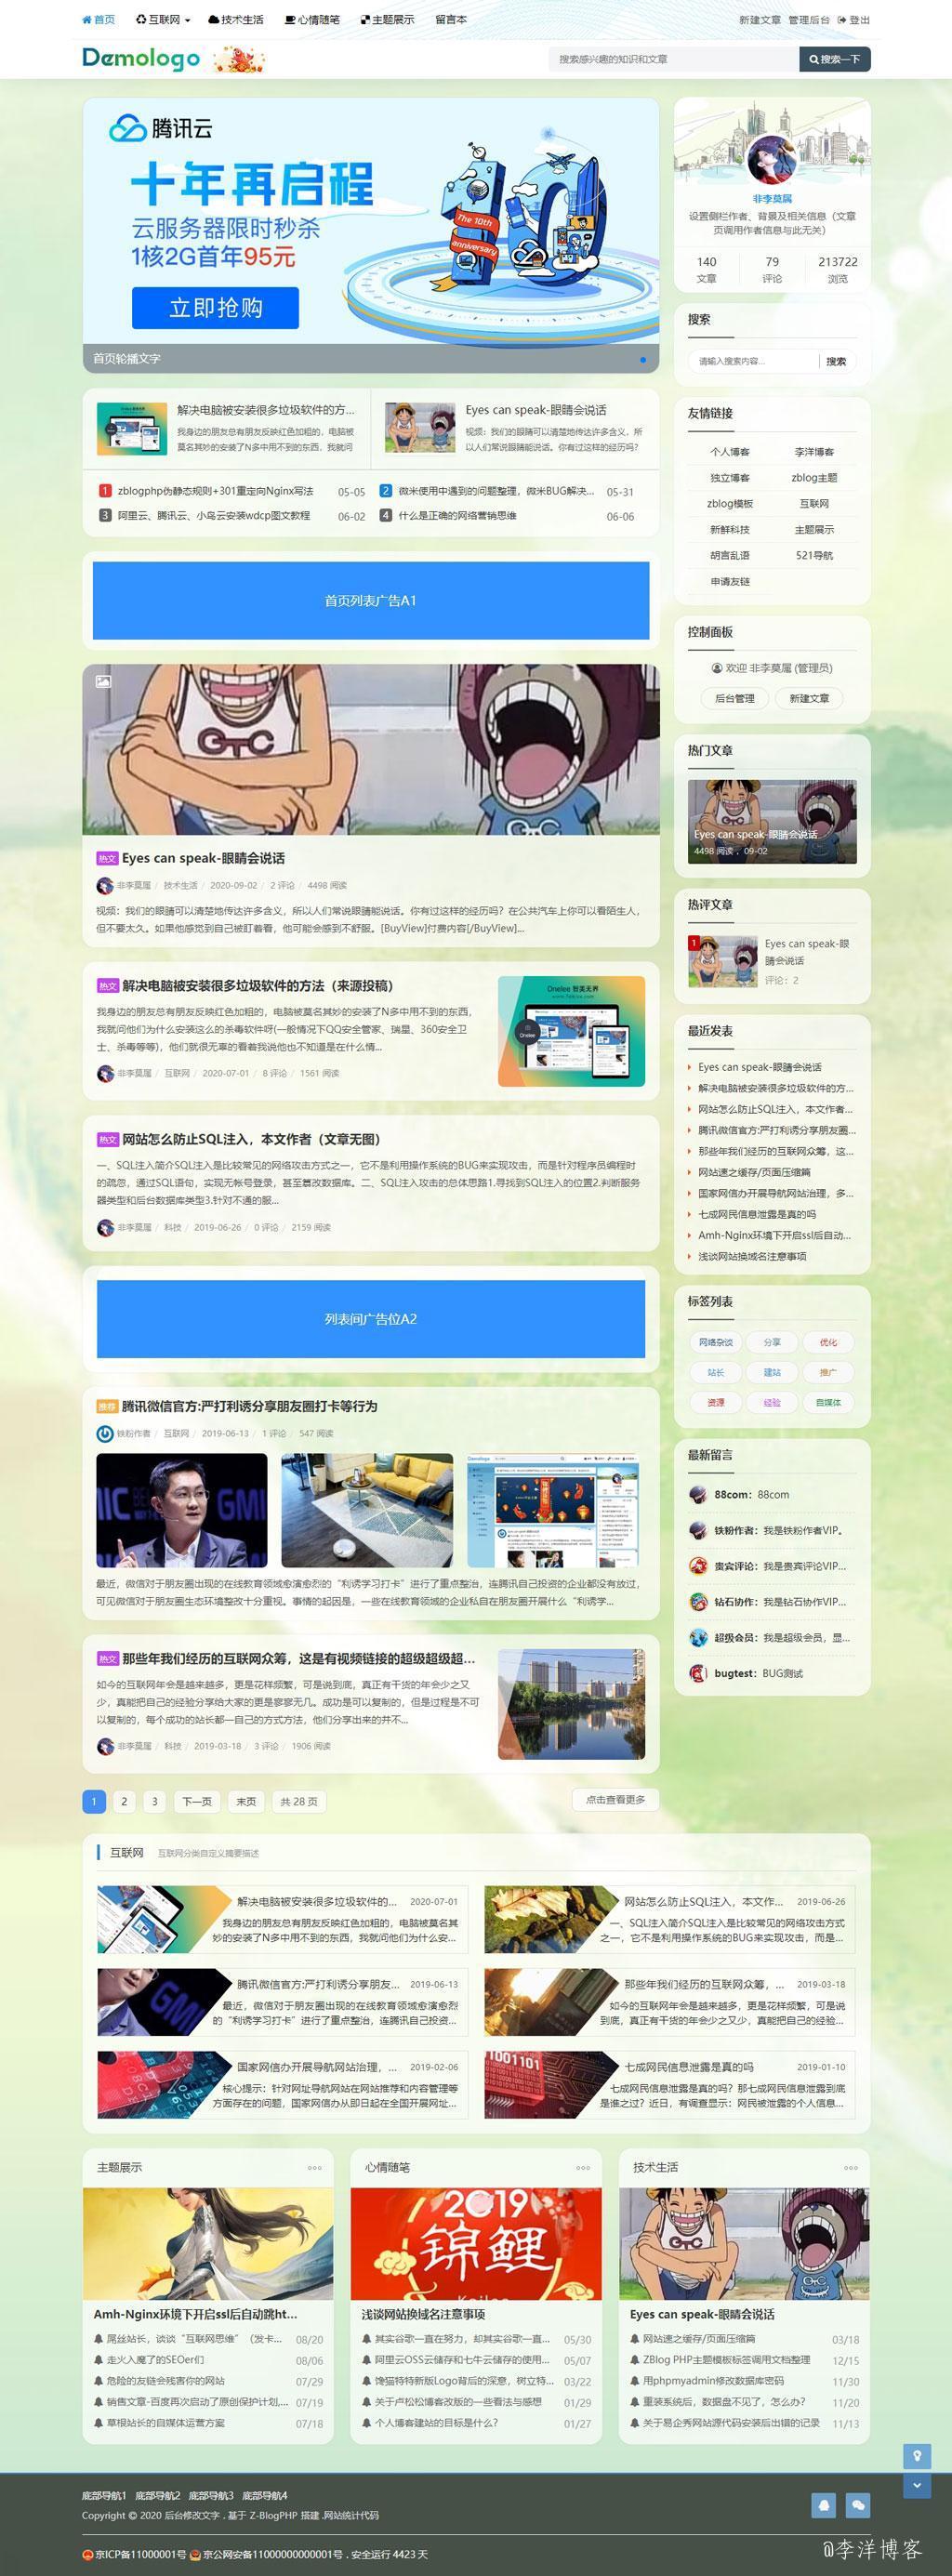 zblog卡片主题类型模板全新绽放,R角、透明、森系您想要的我都有,博客模板,模板,教程,QQ,zblog,第3张